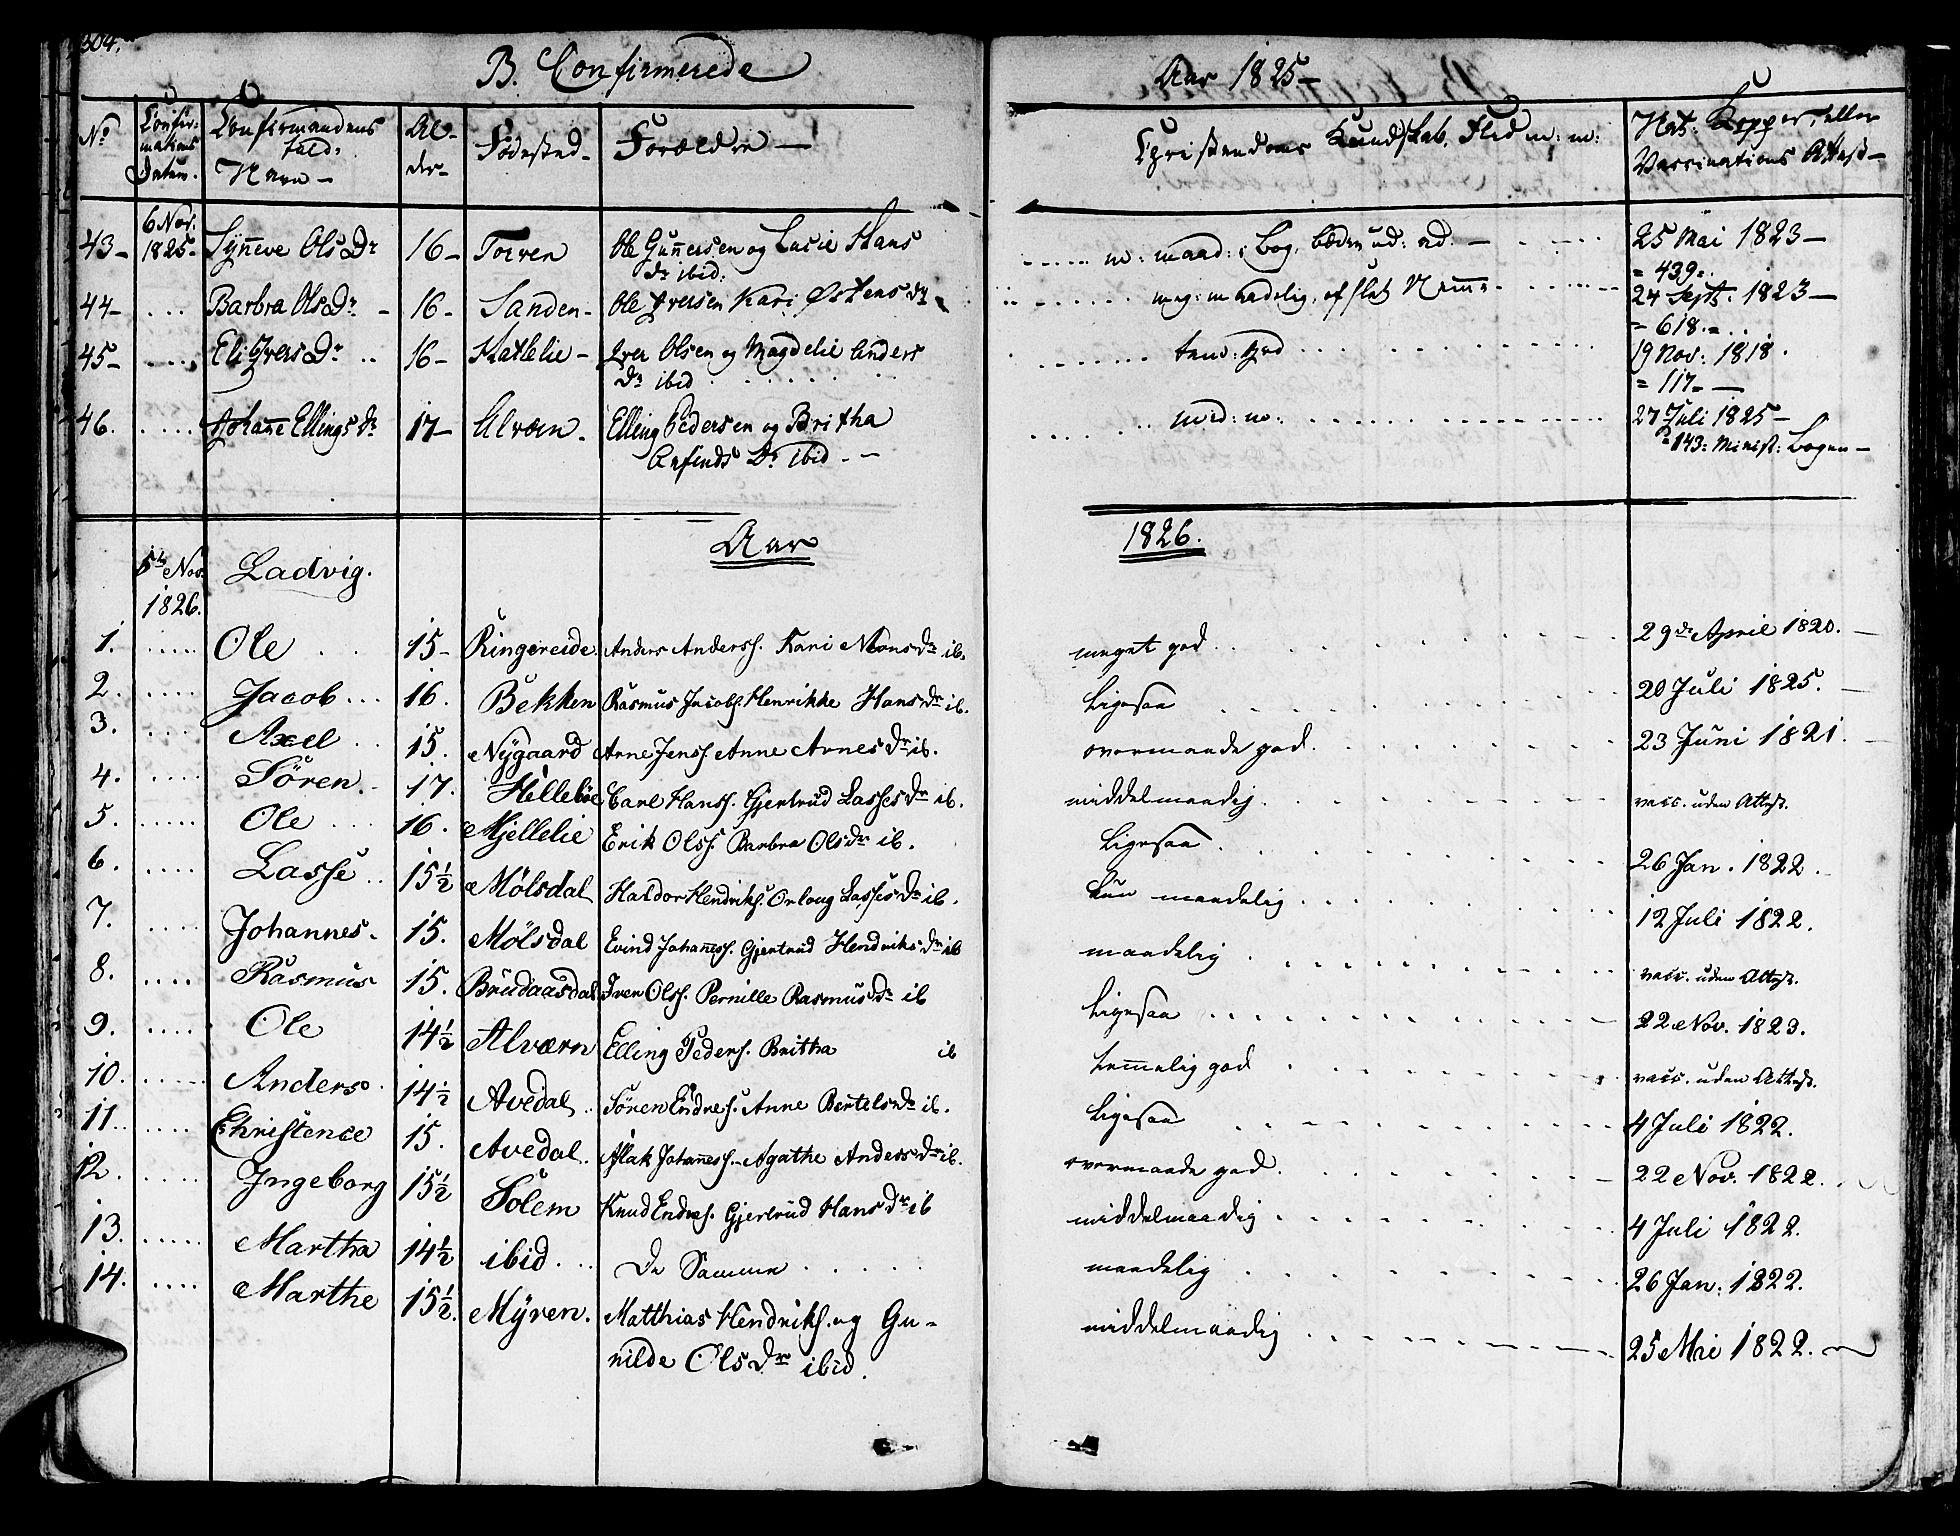 SAB, Lavik sokneprestembete, Ministerialbok nr. A 2I, 1821-1842, s. 304